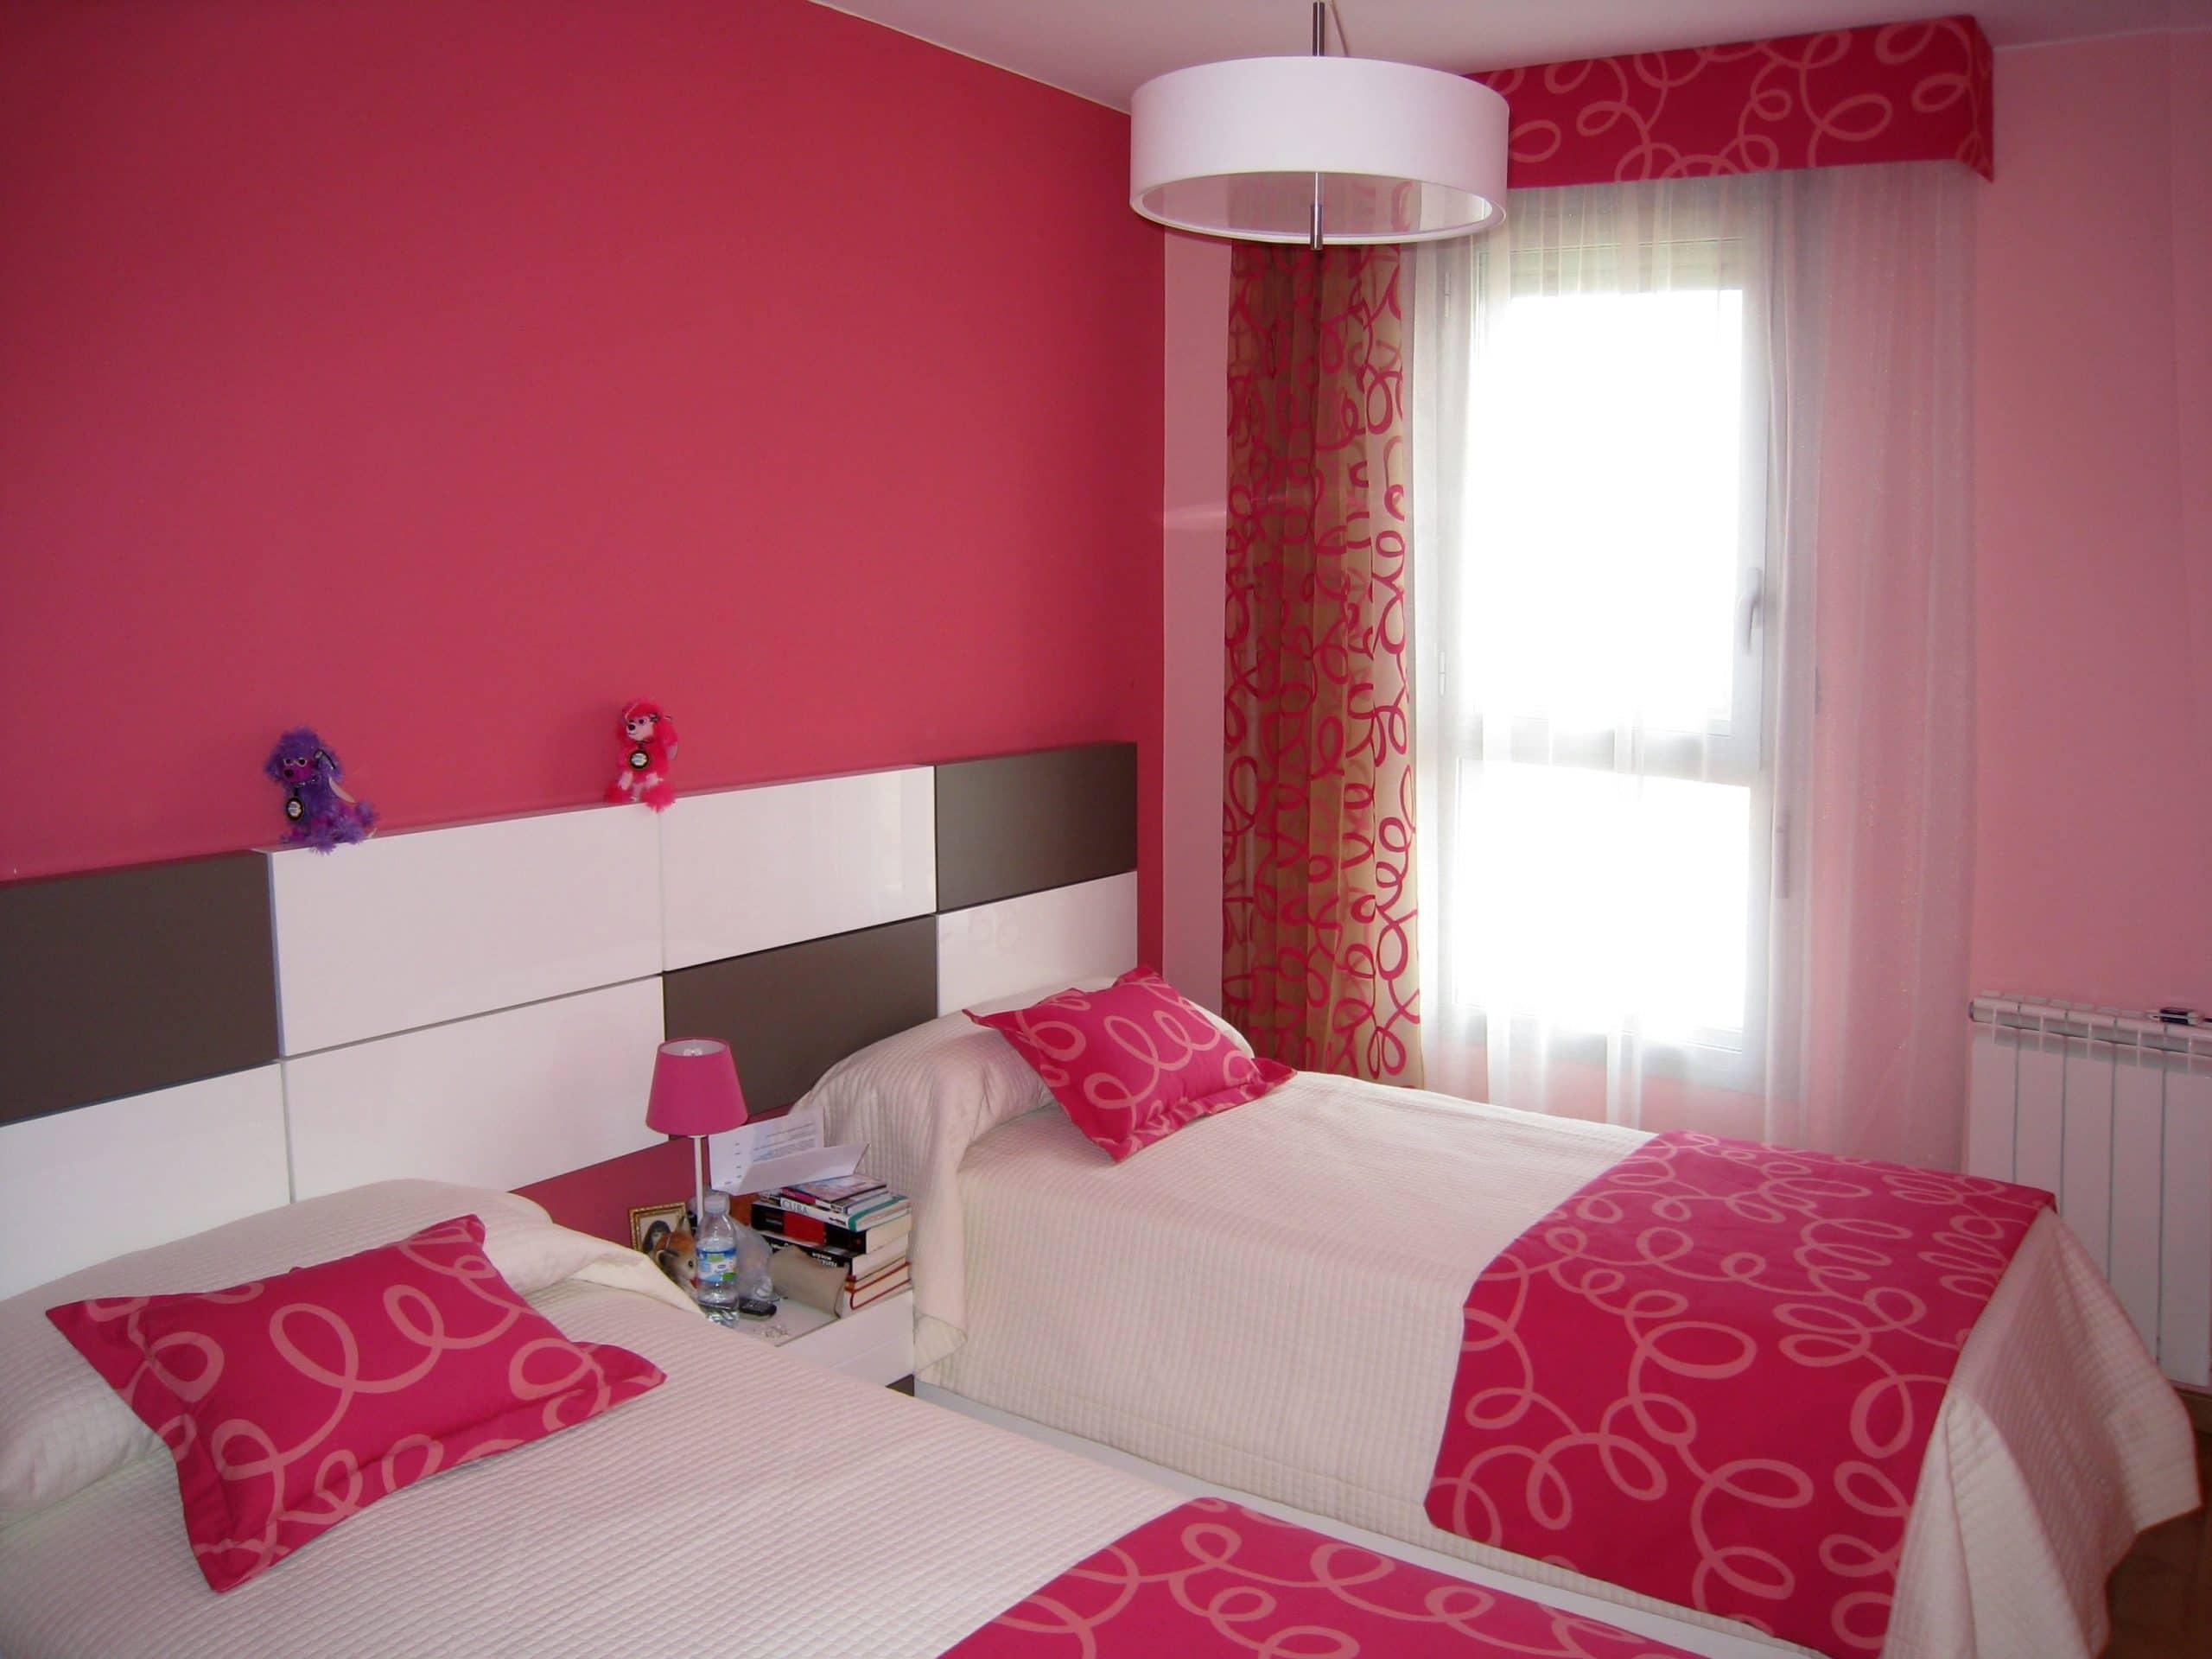 Elige la mejor cortina para tu dormitorio - Decoracion cortinas dormitorio ...